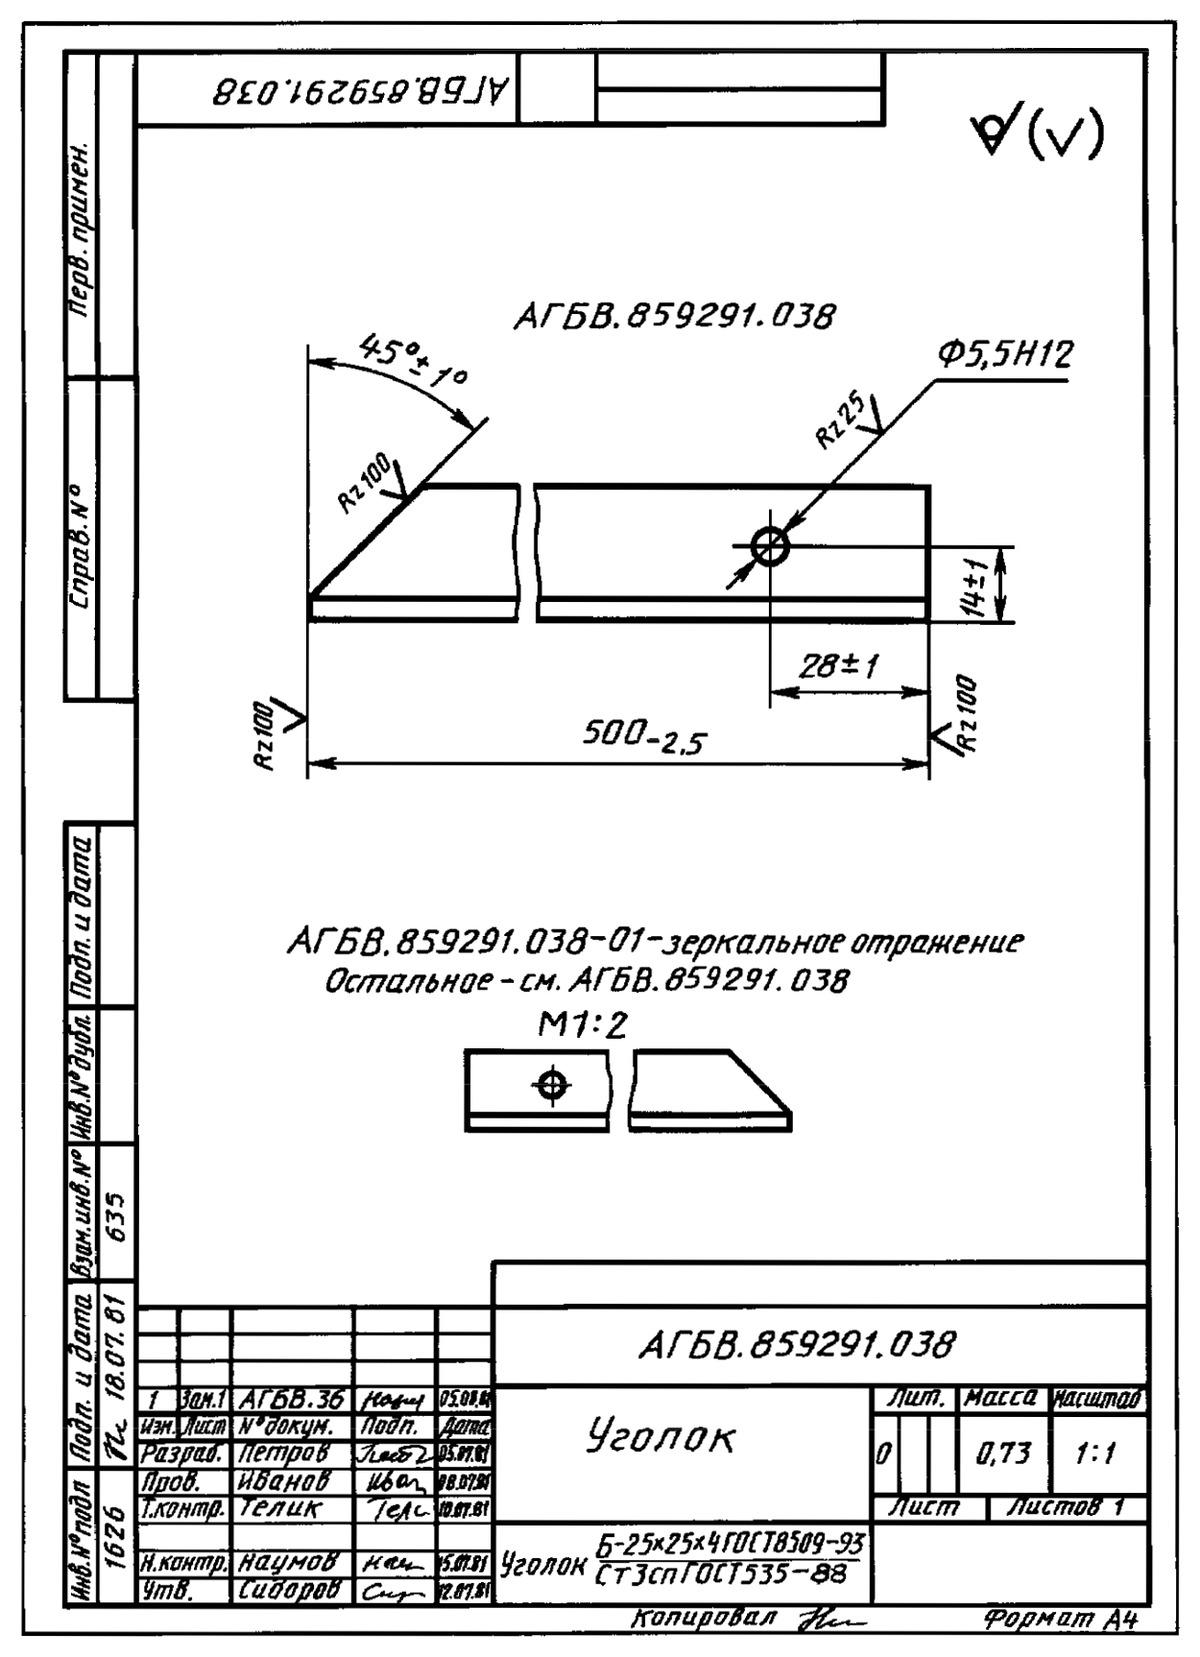 Инженерная графика | лекции | конструкторская документация: основные сведения и требования ескд к оформлению чертежей | cadinstructor